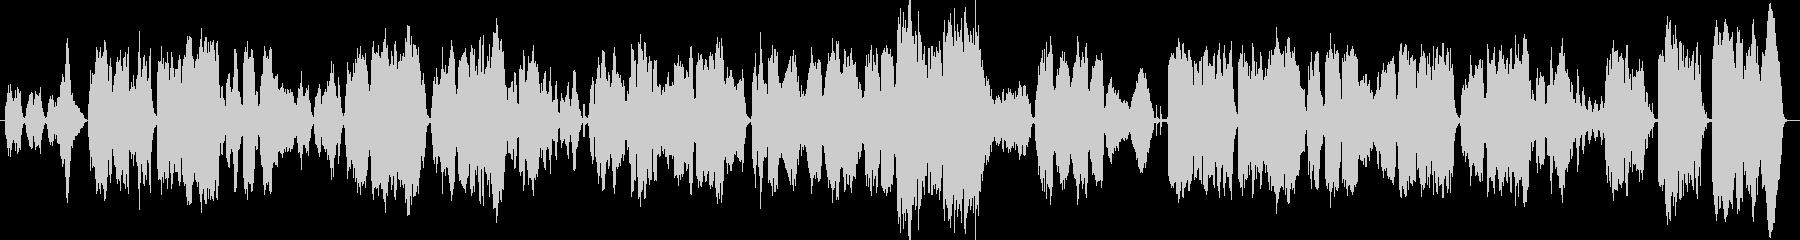 ゆったりとしたオーケストラな歌曲ですの未再生の波形